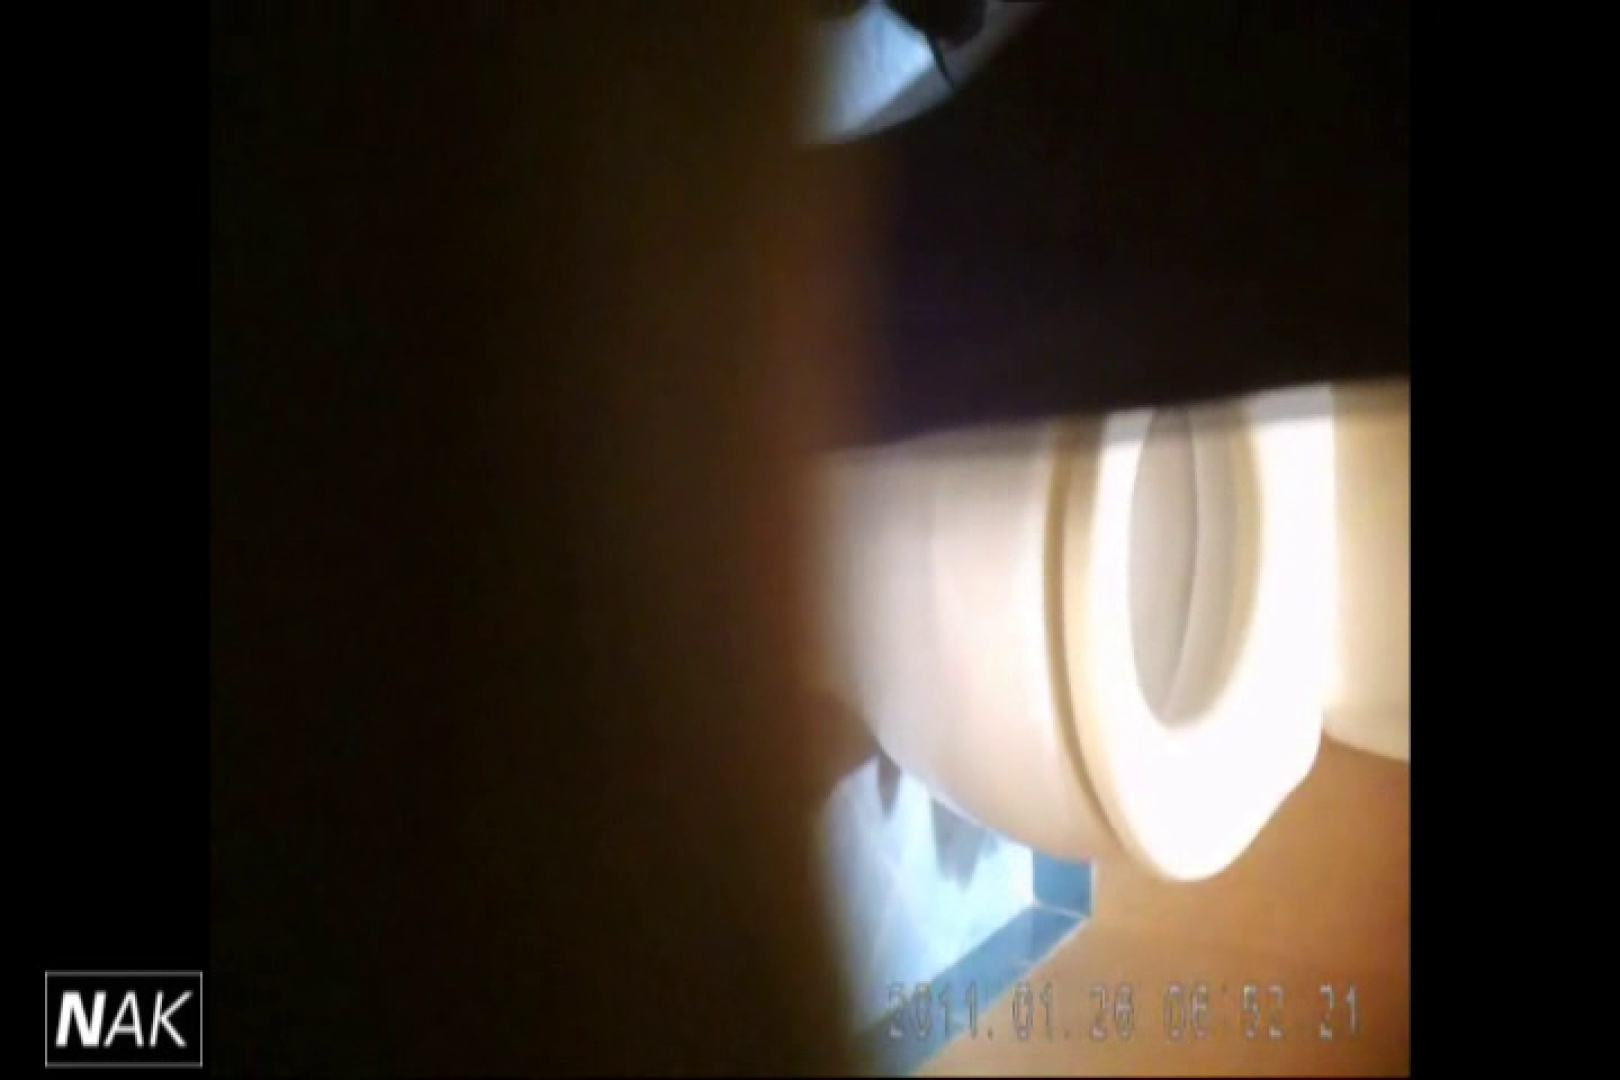 せん八さんの厠観察日記!2点監視カメラ 高画質5000K vol.11 厠・・・  95PIX 92